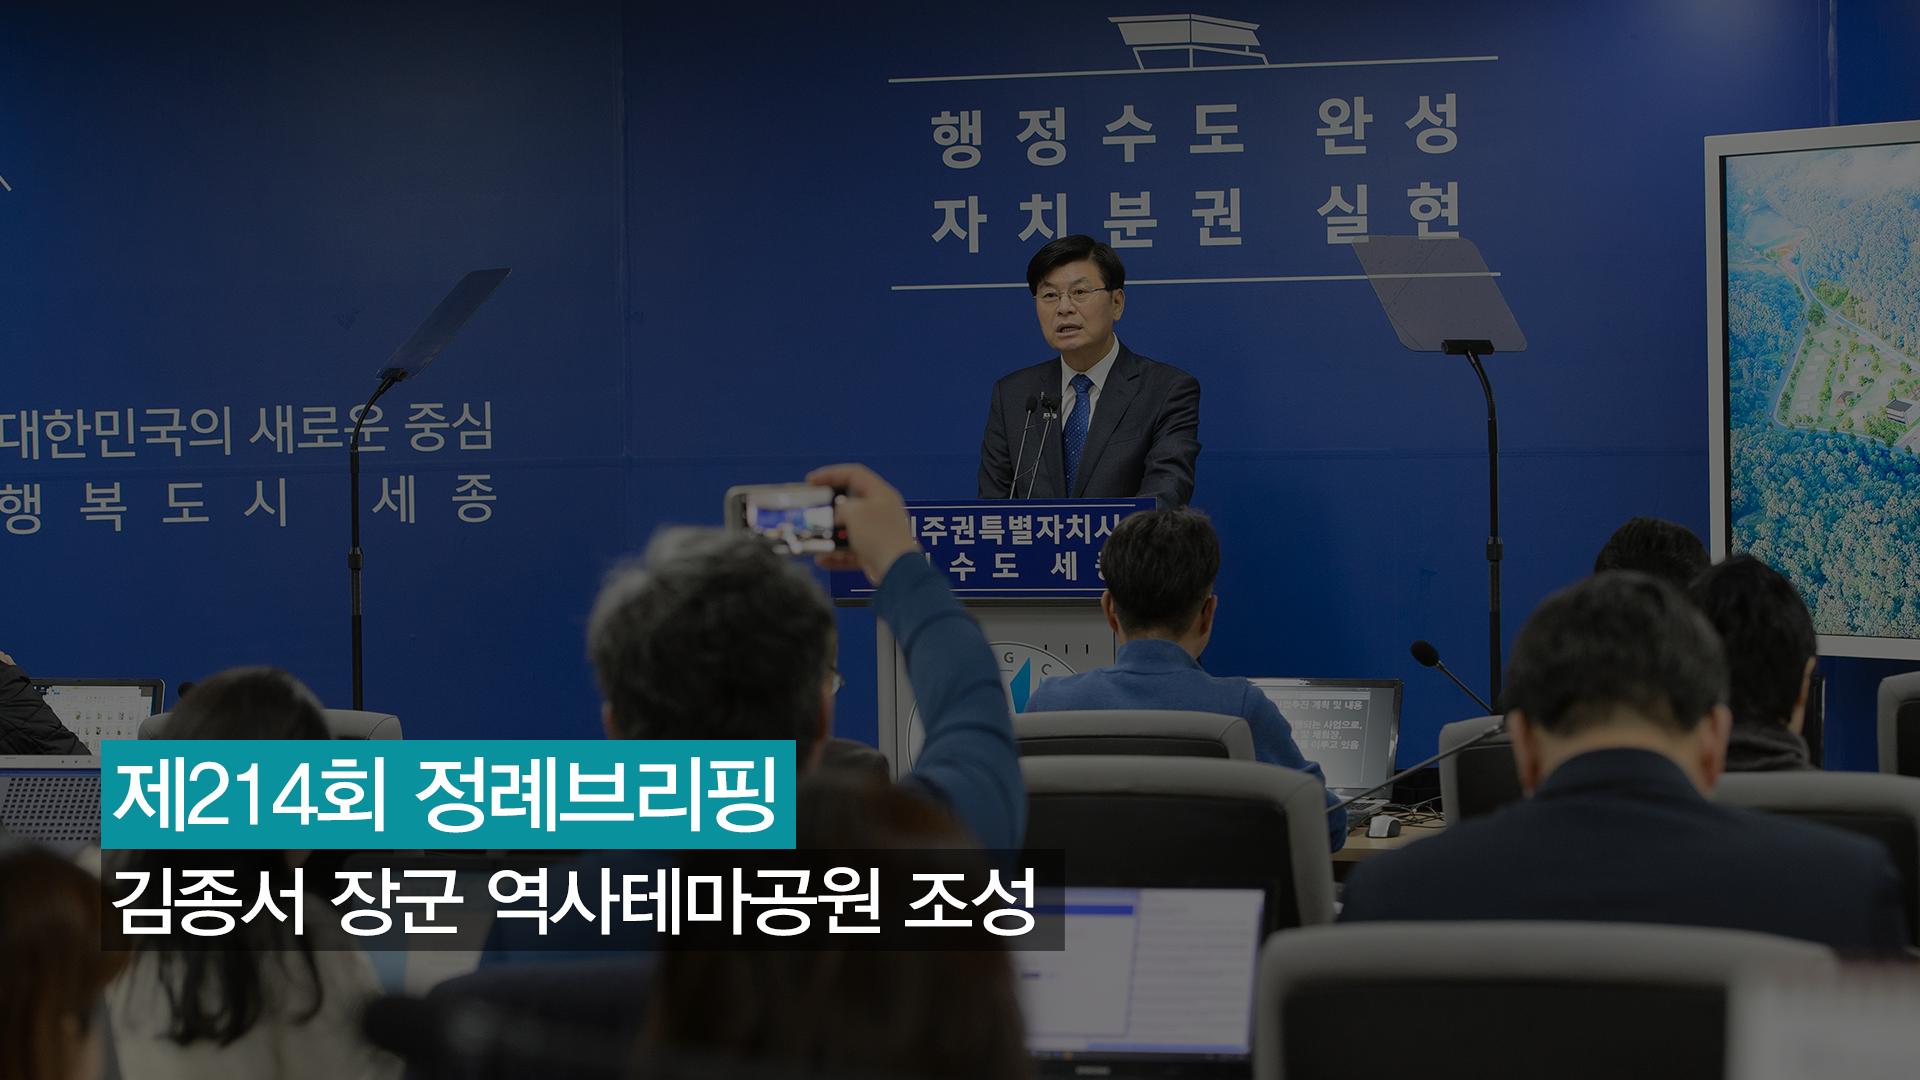 <214번째 정례브리핑> 김종서 장군 역사테마공원 조성